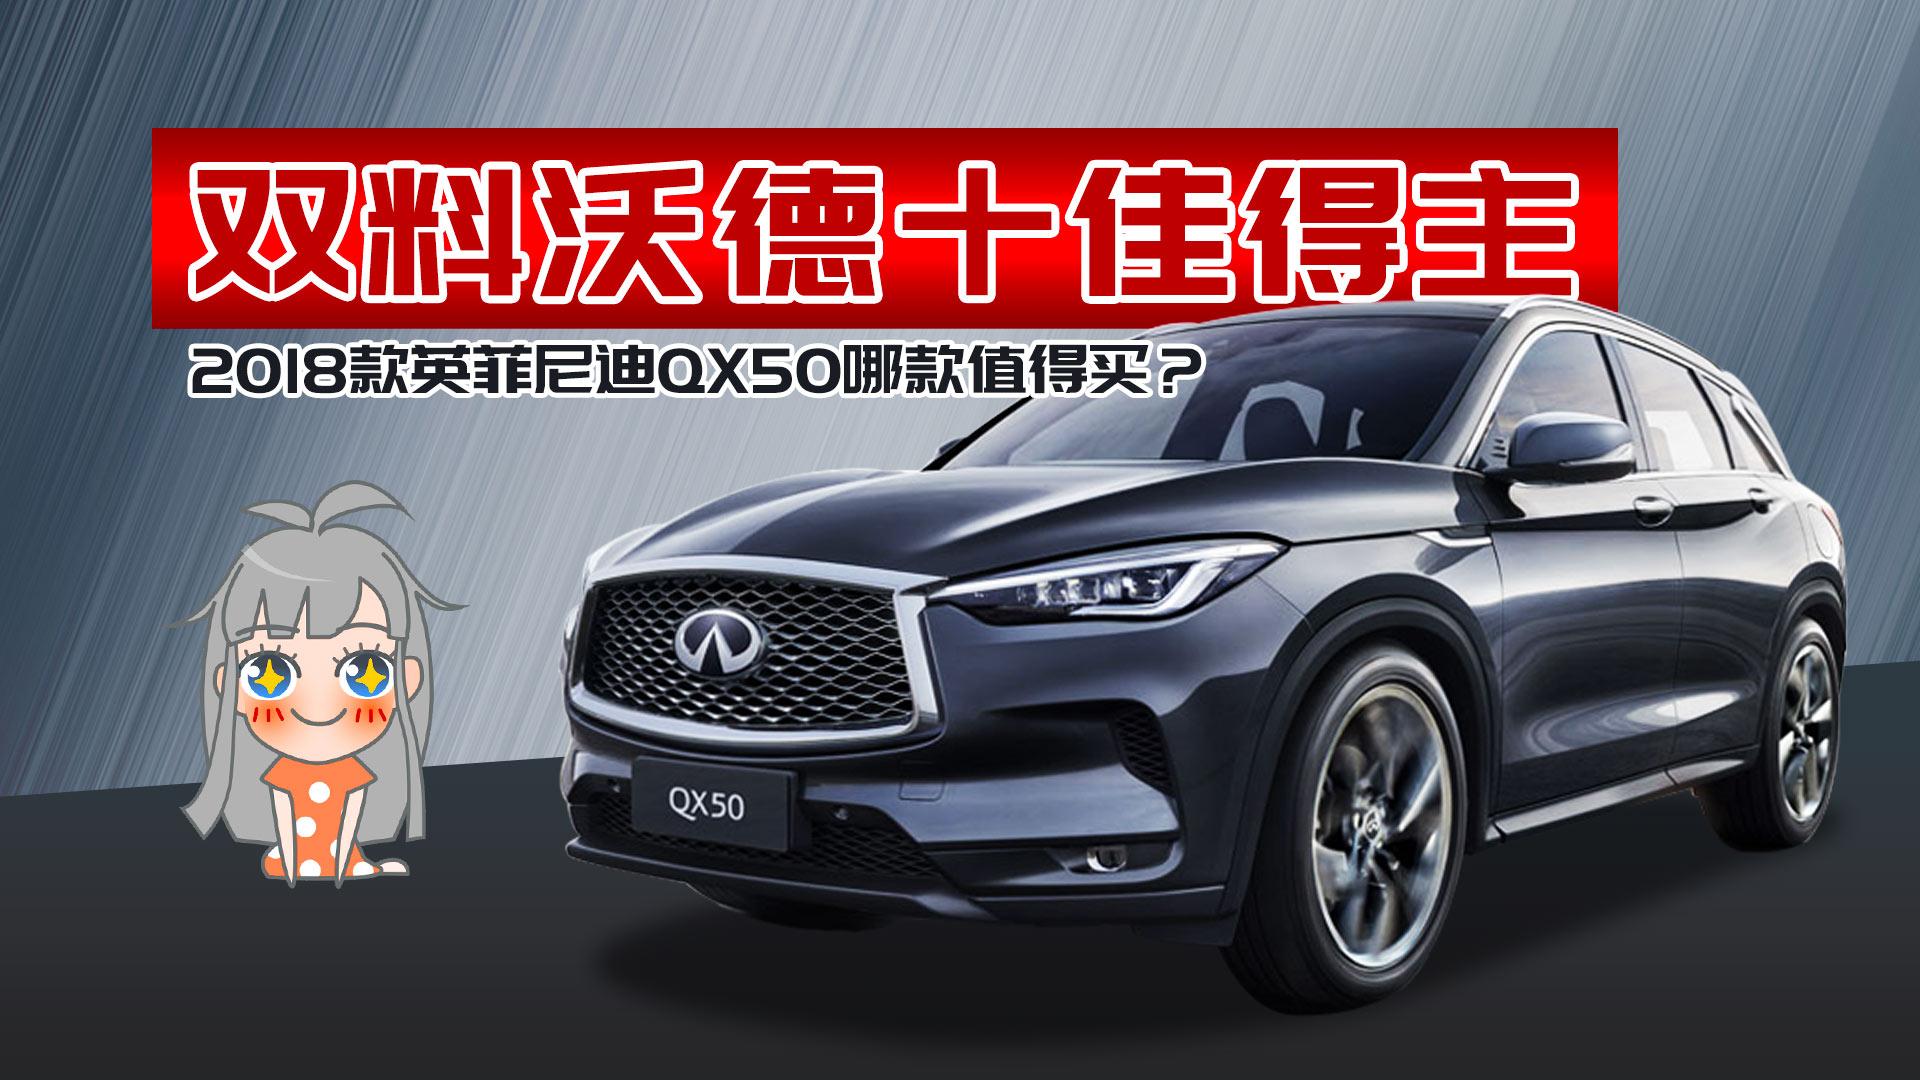 【购车300秒】双料沃德十佳得主 2018款英菲尼迪QX50哪款值得买?